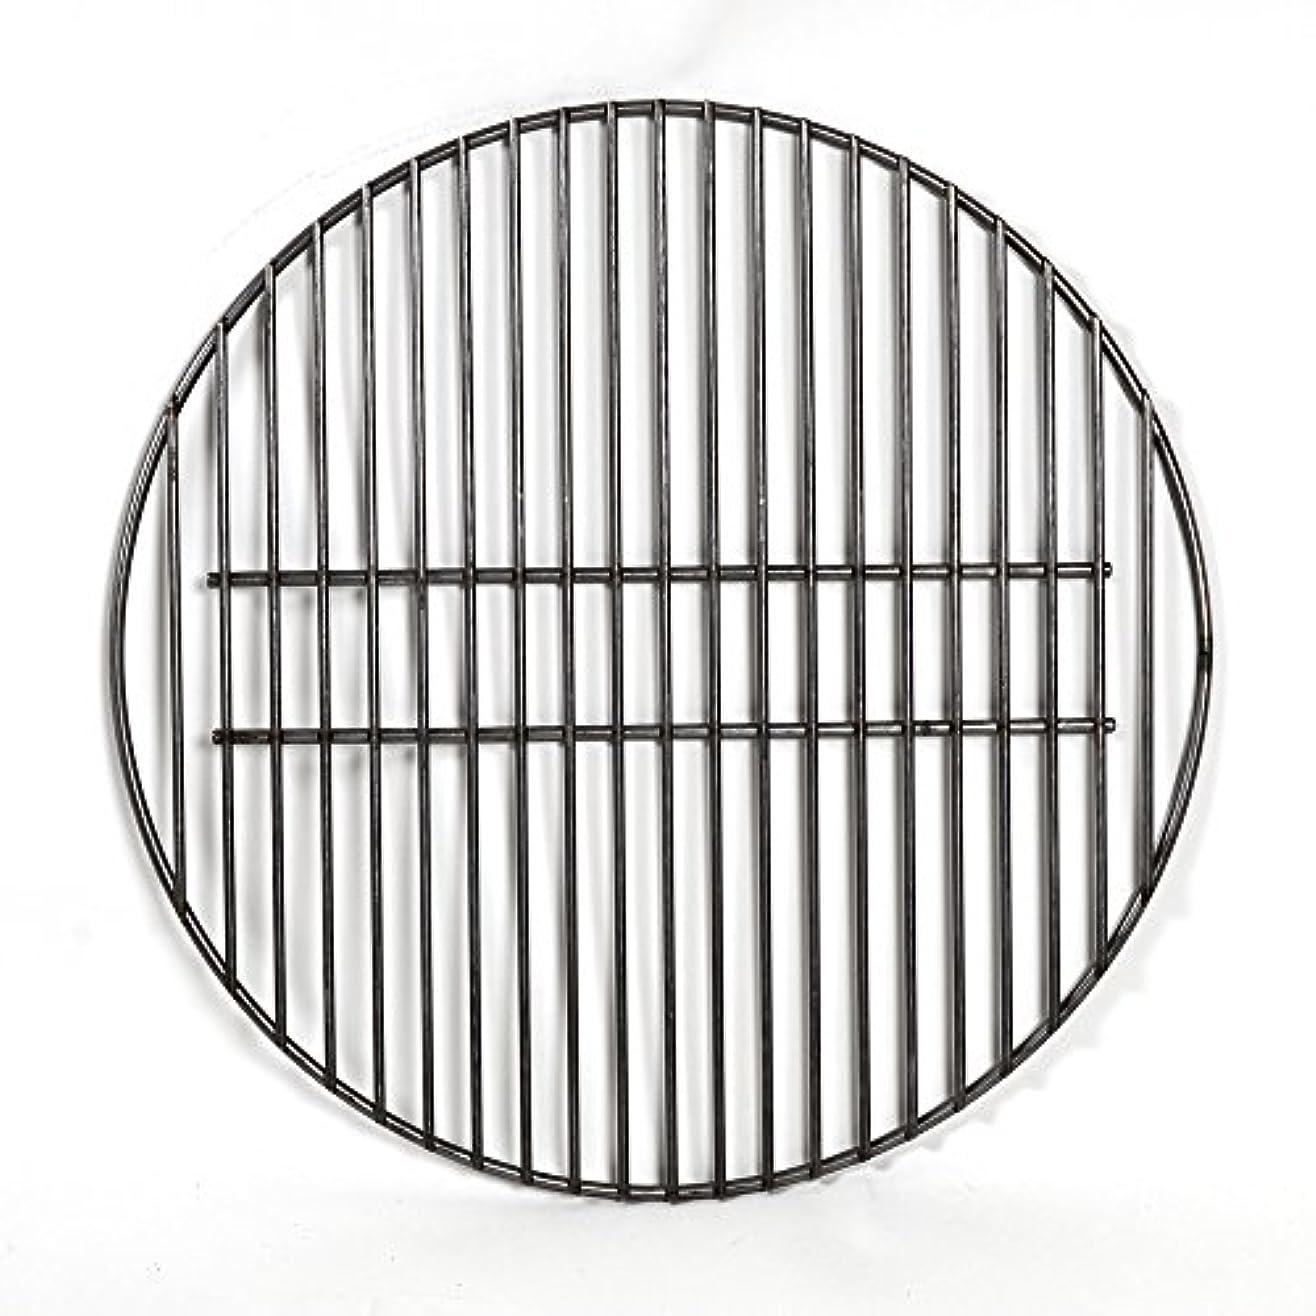 フェッチクスクス歴史WEBER(ウェーバー) 交換用 炭網(WEBERグリル22.5インチ専用) charcoal grates for 22.5inch